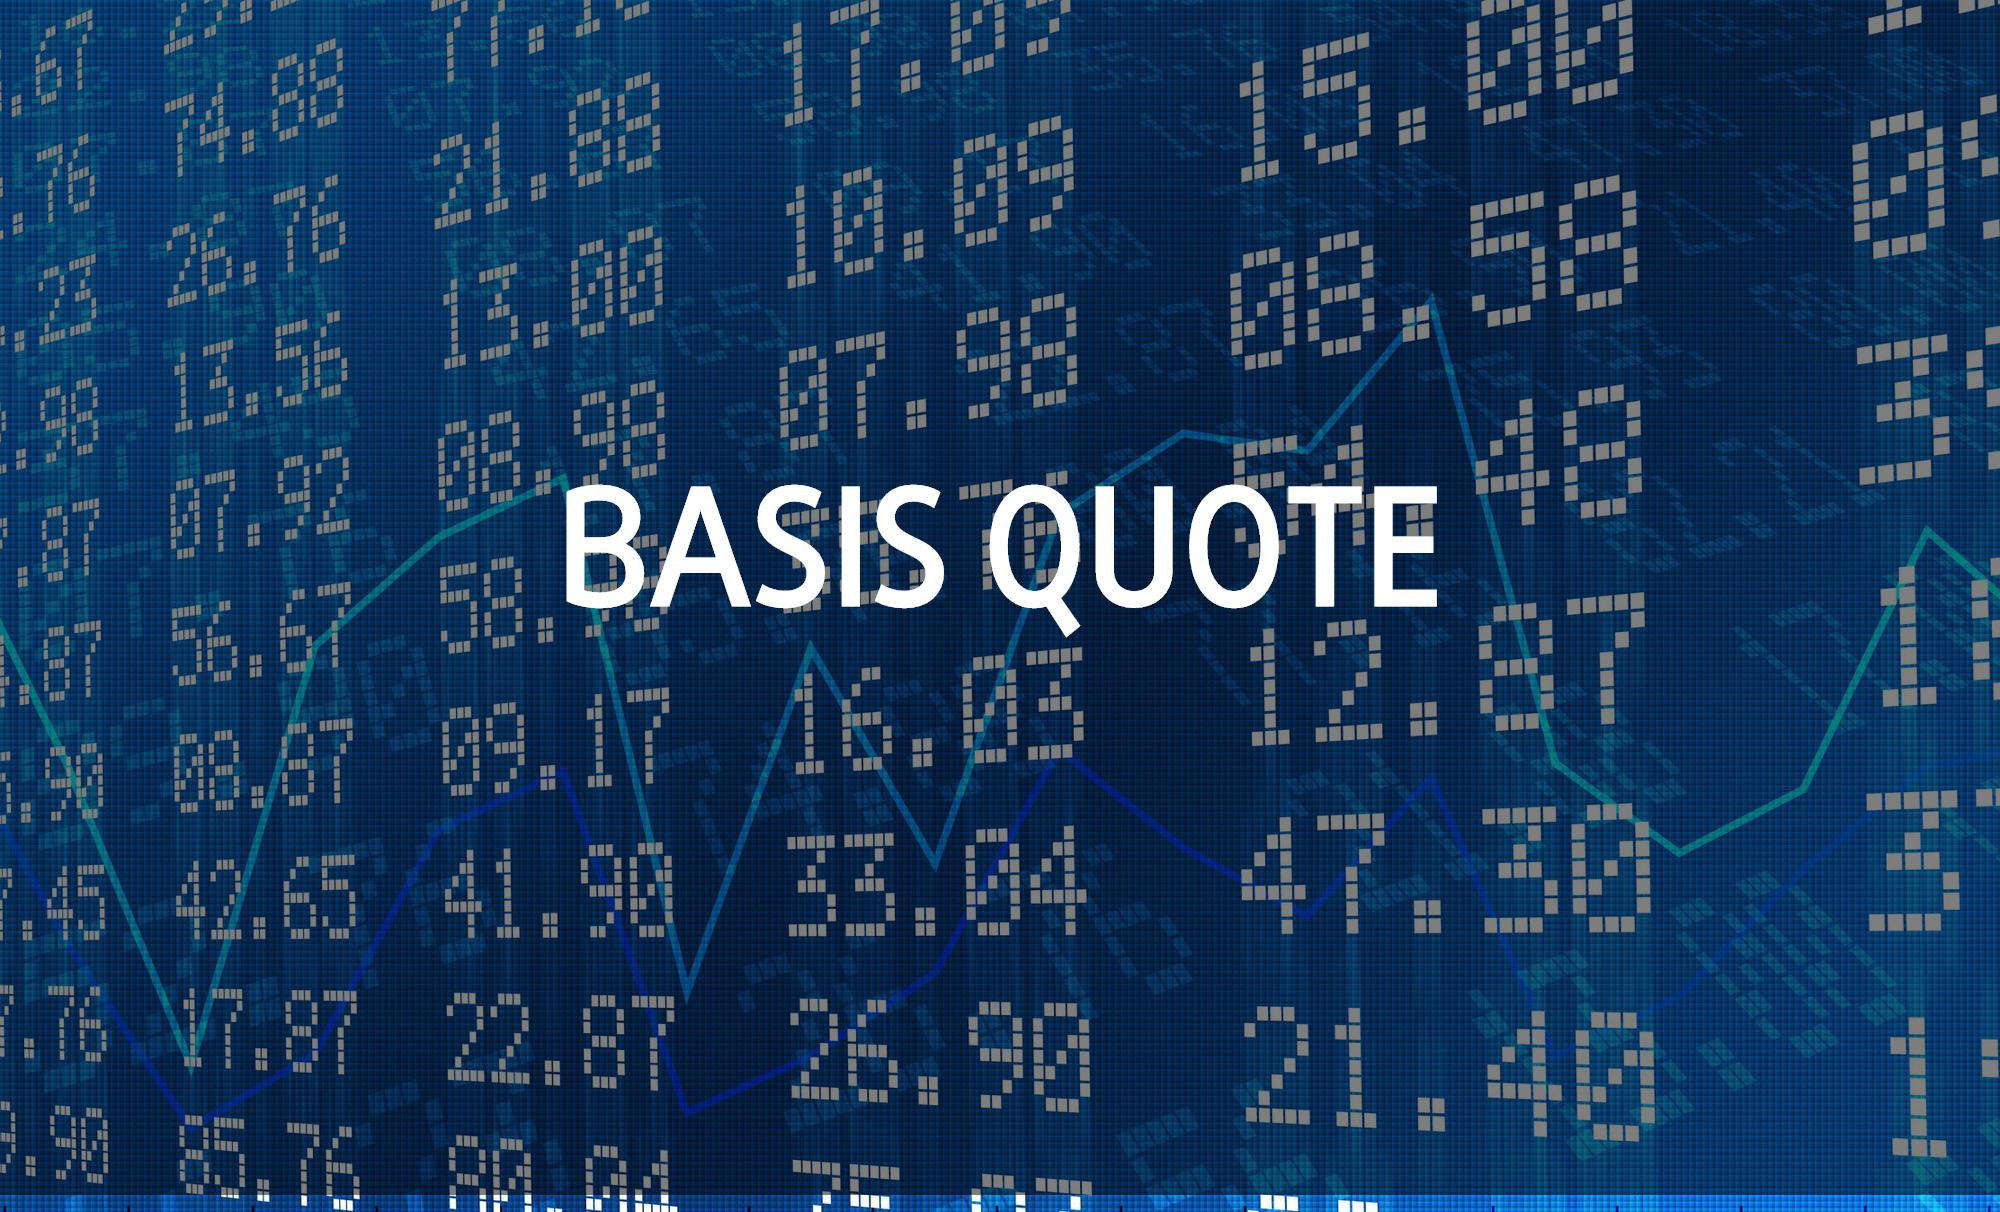 Giá yết cơ bản (Basis Quote) là gì? Giá yết cơ bản và Rủi ro cơ bản - Ảnh 1.